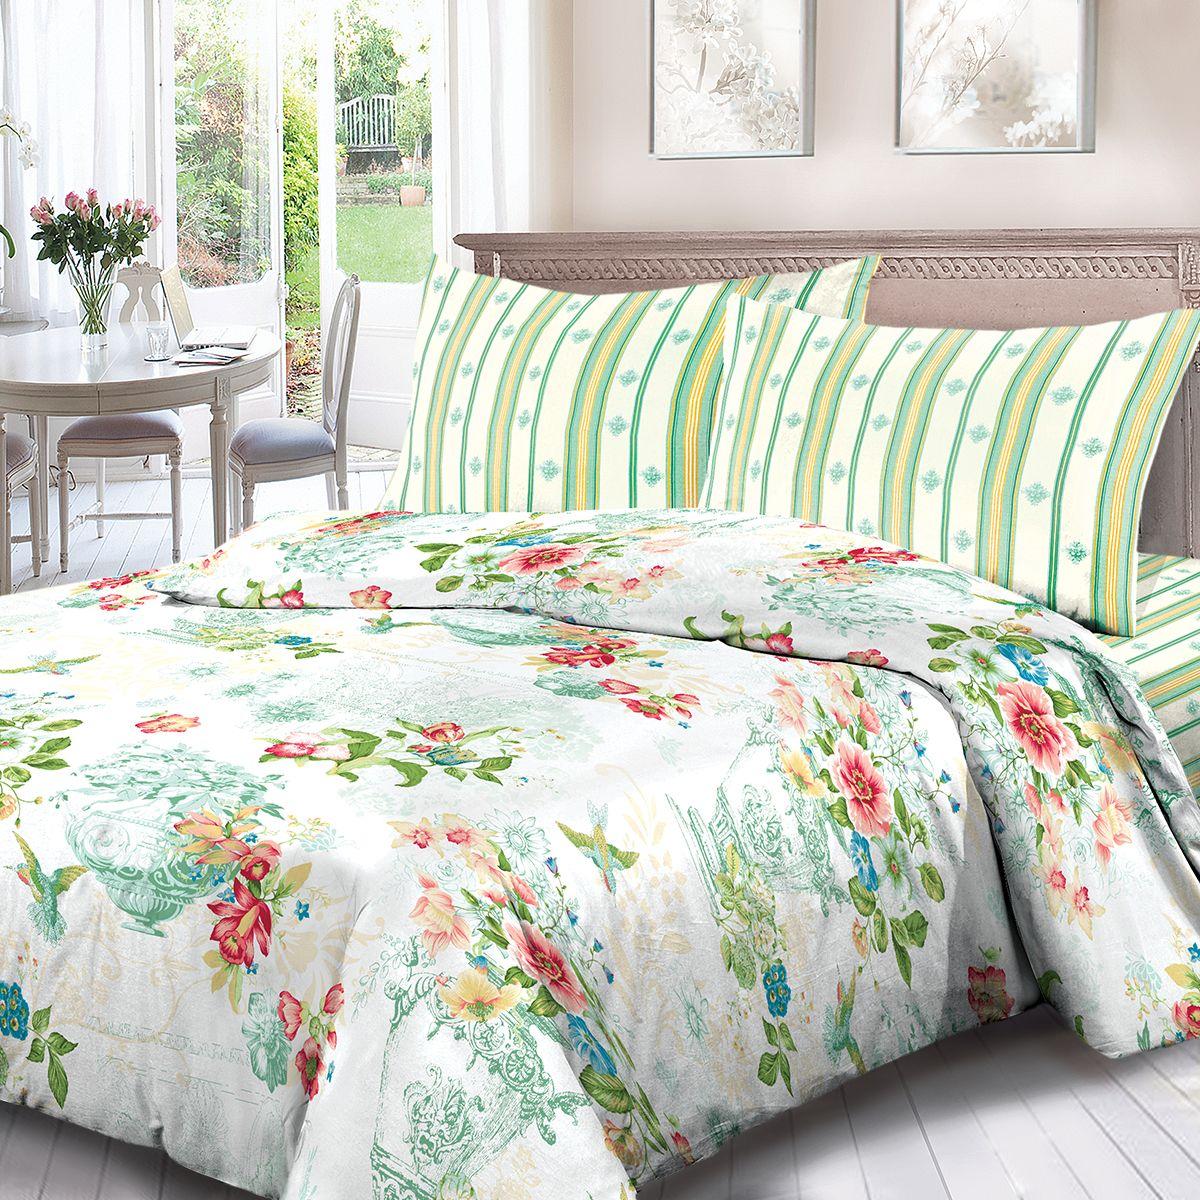 Комплект белья Для Снов Колибри, 2-х спальное, наволочки 70x70, цвет: зеленый. 1812-184454